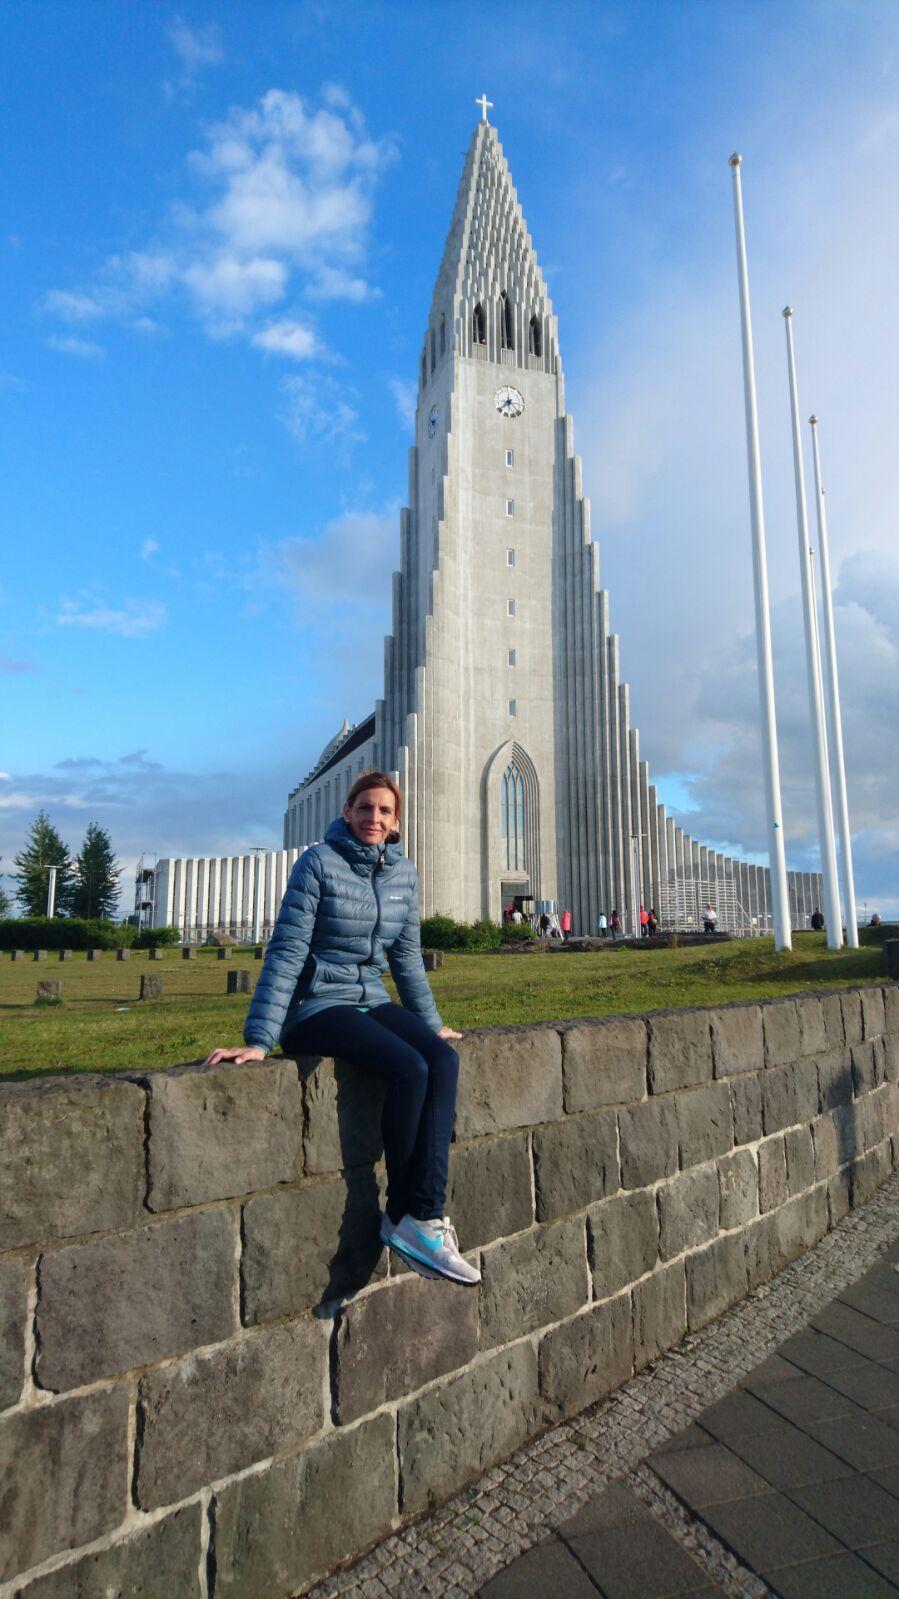 Gloria con la Iglesia de Hallgrimur al fondo en Islandia.